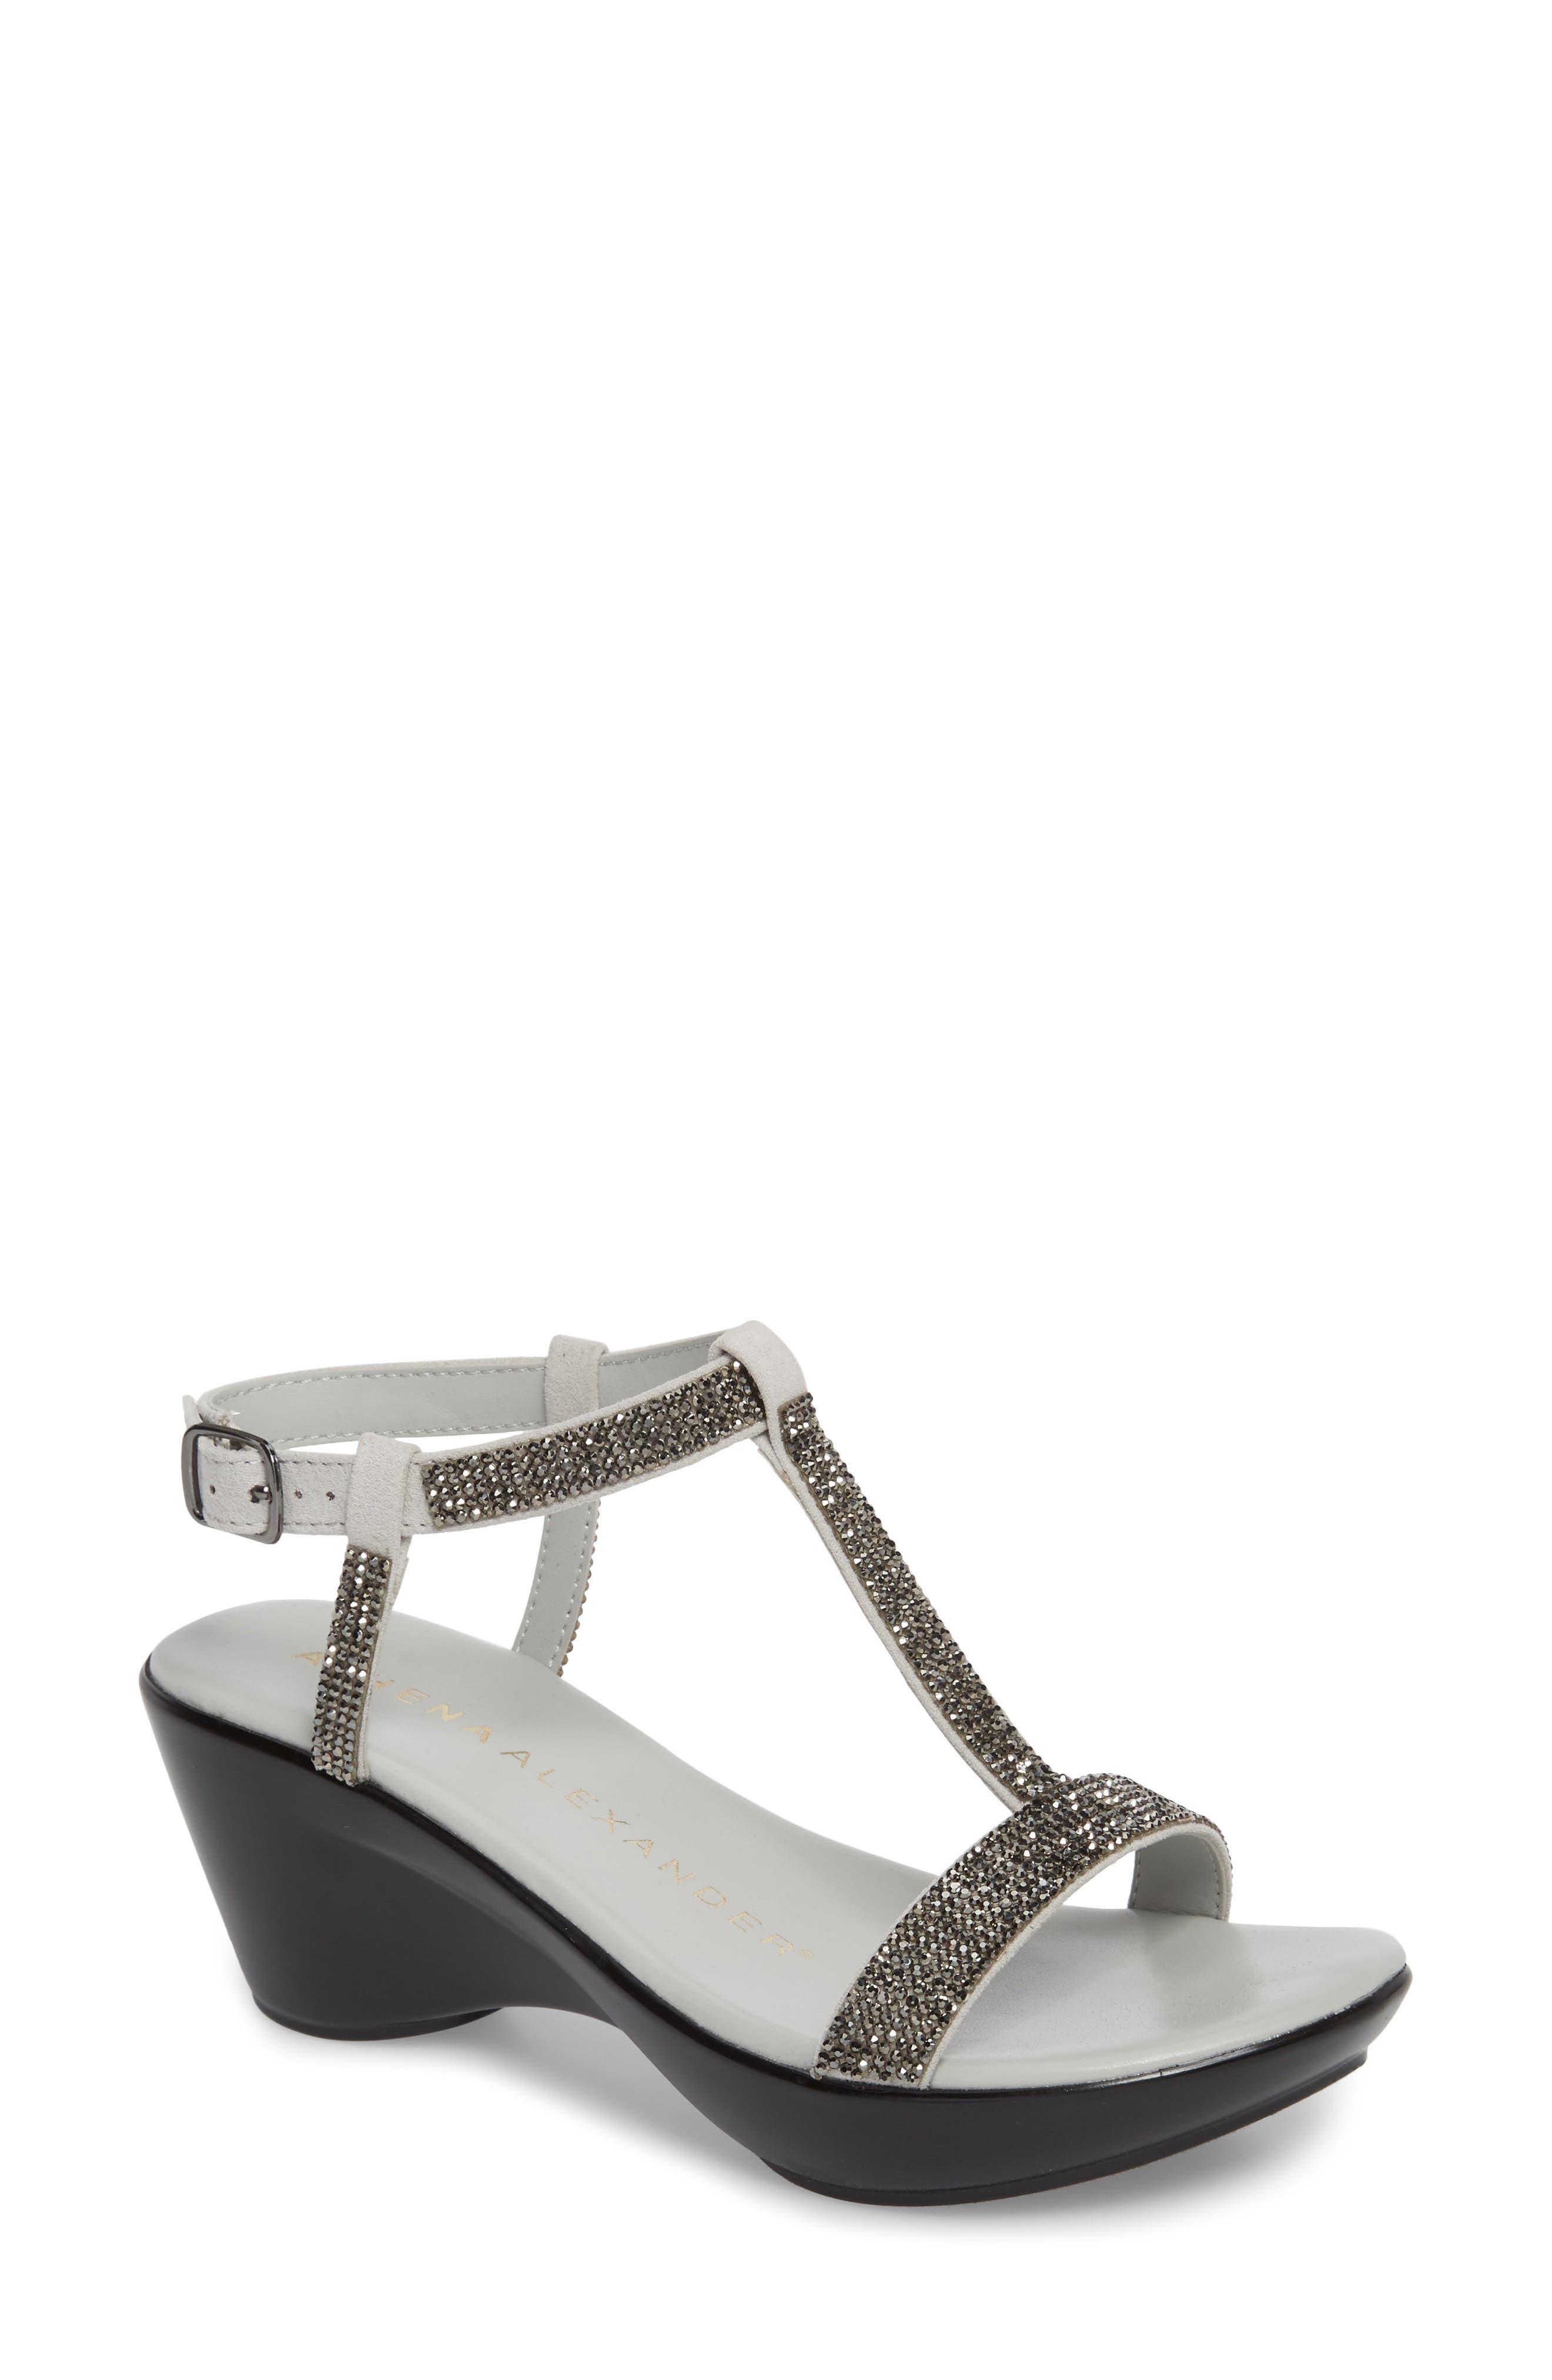 Athena Alexandar Karinya Embellished Strappy Wedge Sandal,                         Main,                         color, Grey Suede